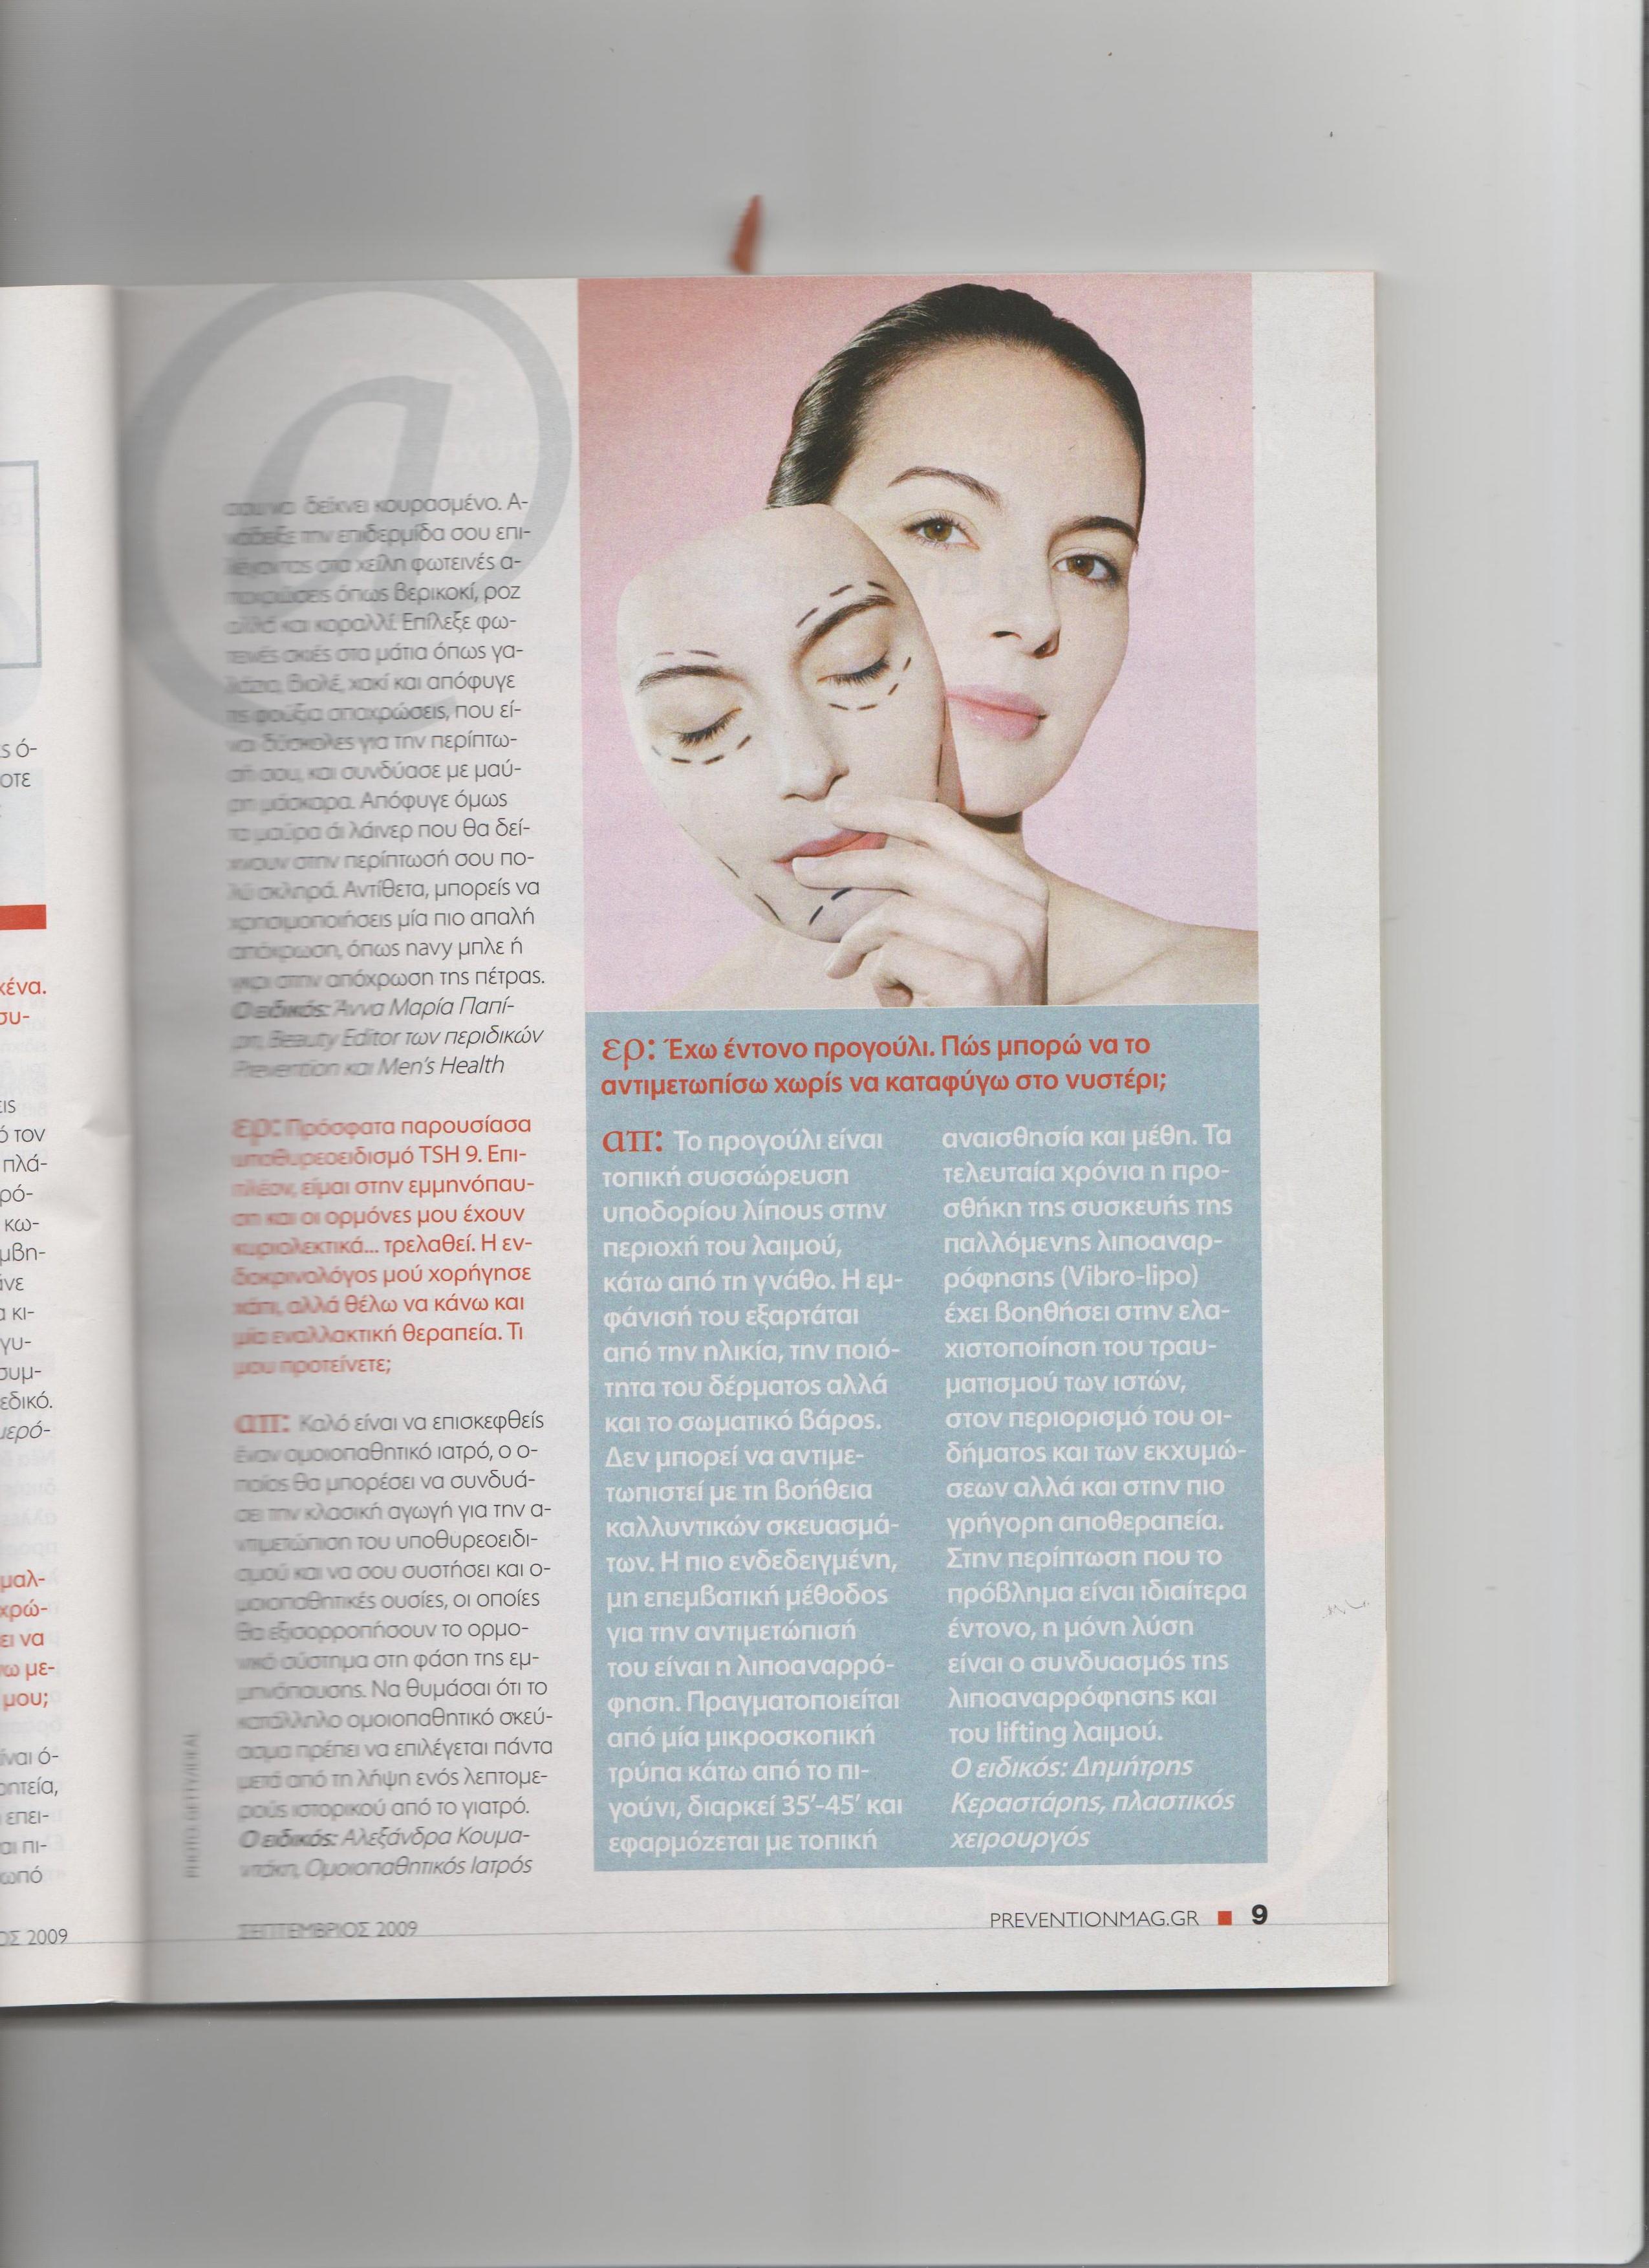 περιοδικό PREVENTION 9-2009